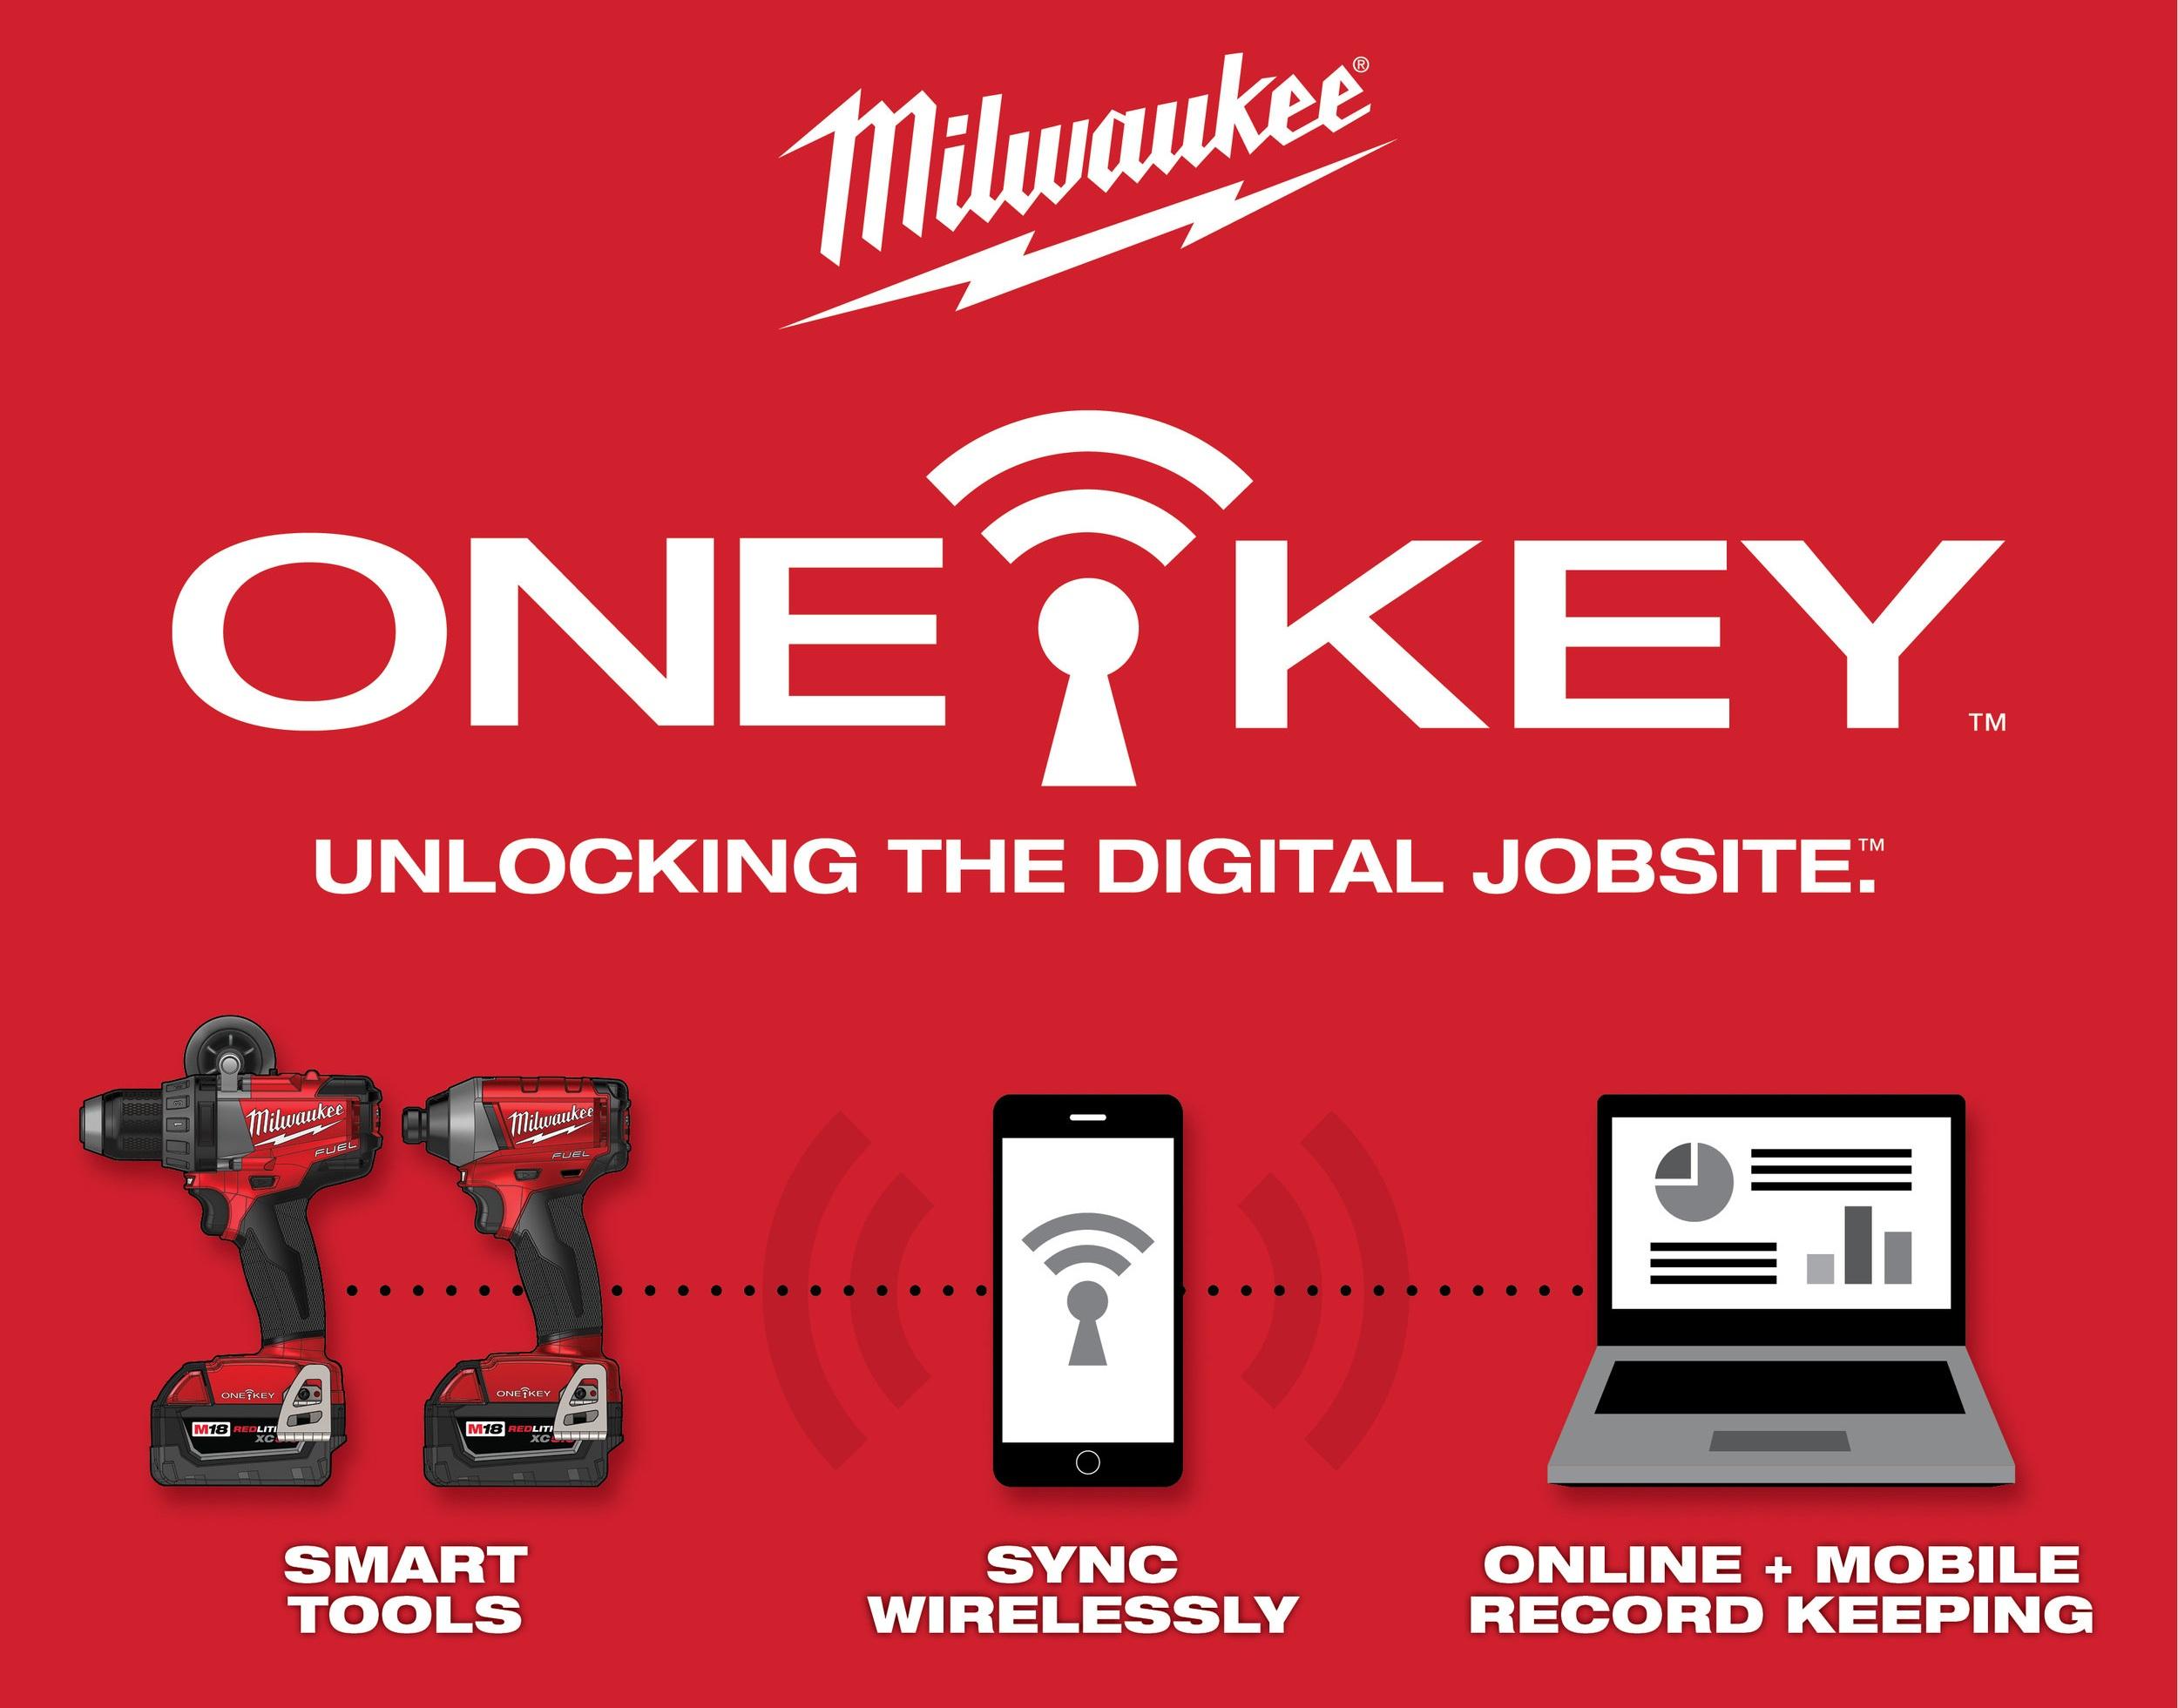 One+Key+illustration.jpg